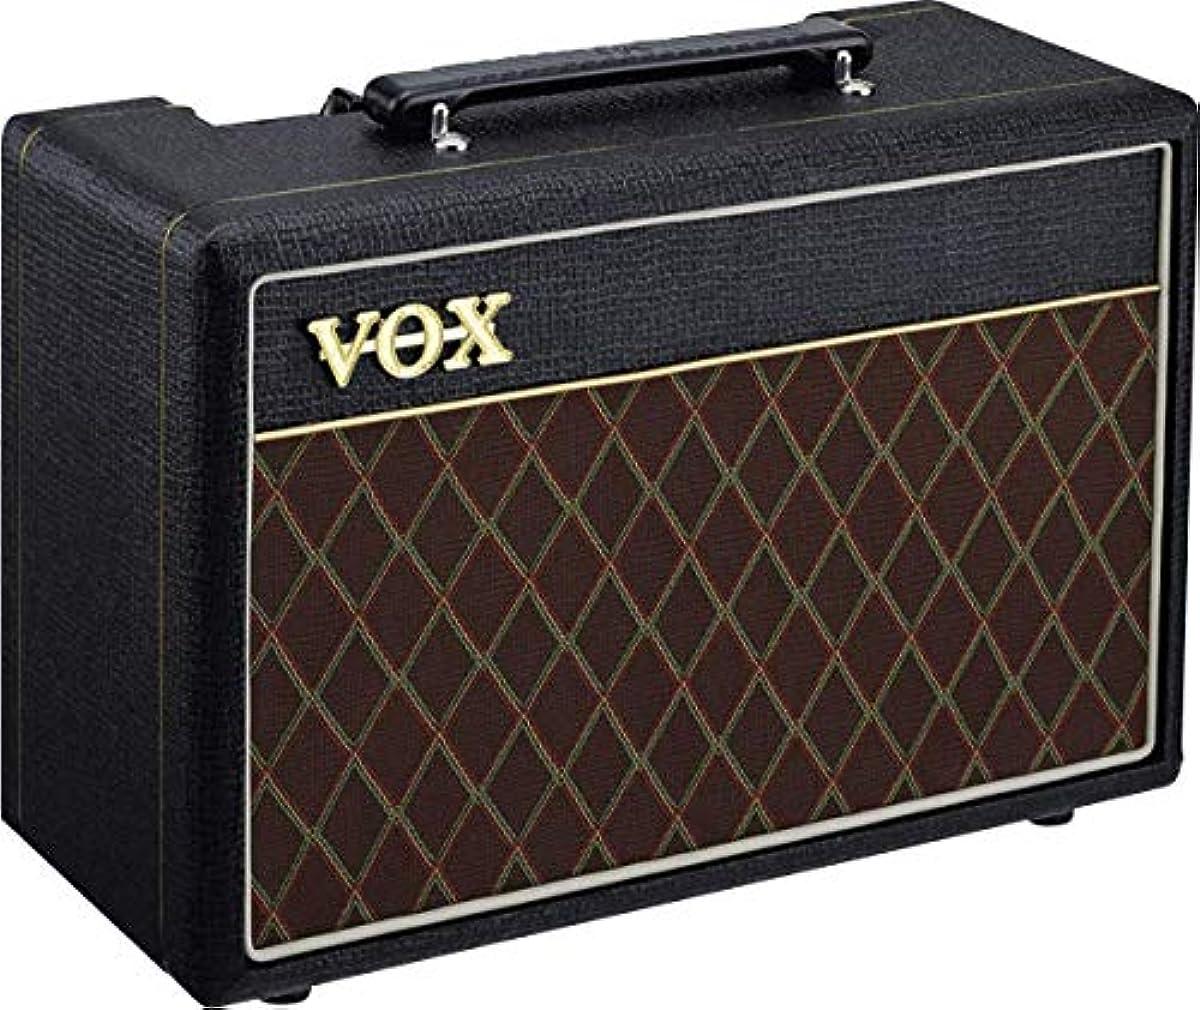 [해외] VOX(박스) 콤팩트 기타 앰프 PATHFINDER 10 자택 연습 퍼스트 앰프에 최적 헤드폰 사용가 클린 오버 드라이어이브 10W 스탠다드 V9106